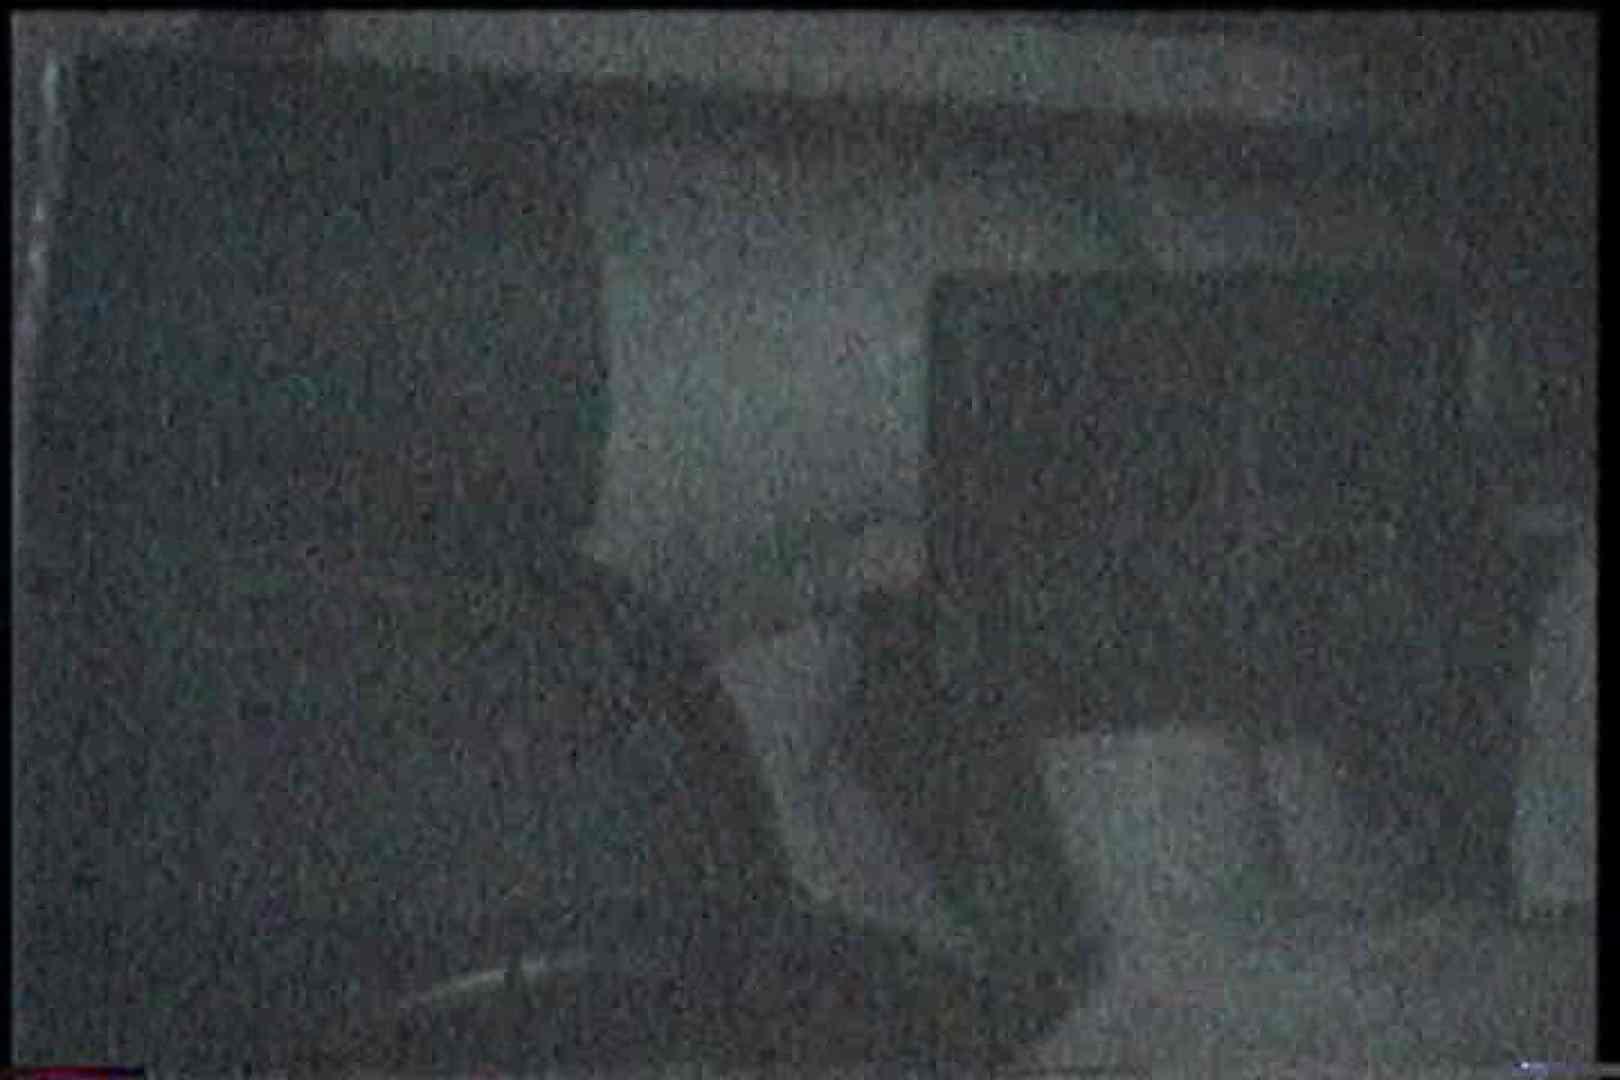 充血監督の深夜の運動会Vol.187 エロティックなOL   エッチなセックス  96画像 13